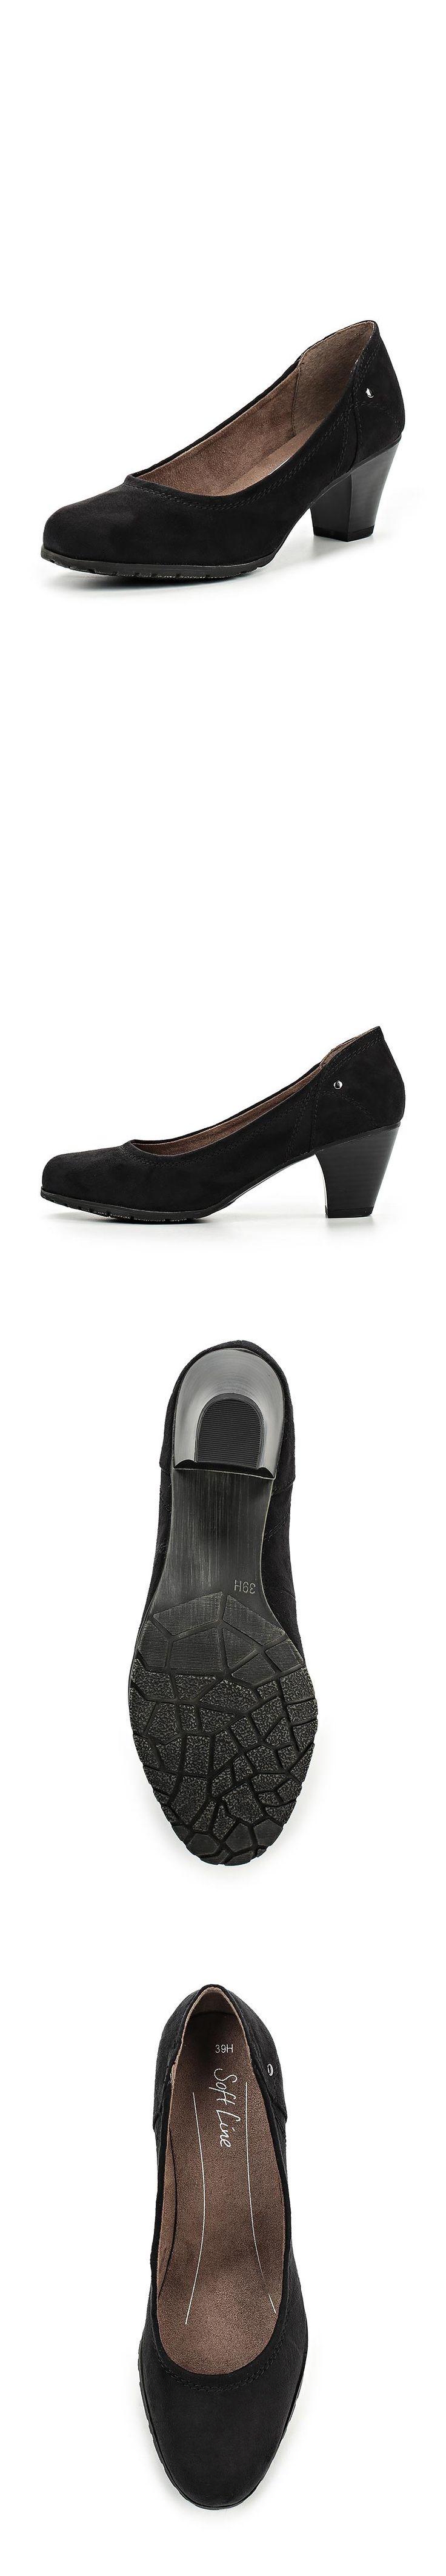 Женская обувь туфли Jana за 2499.00 руб.